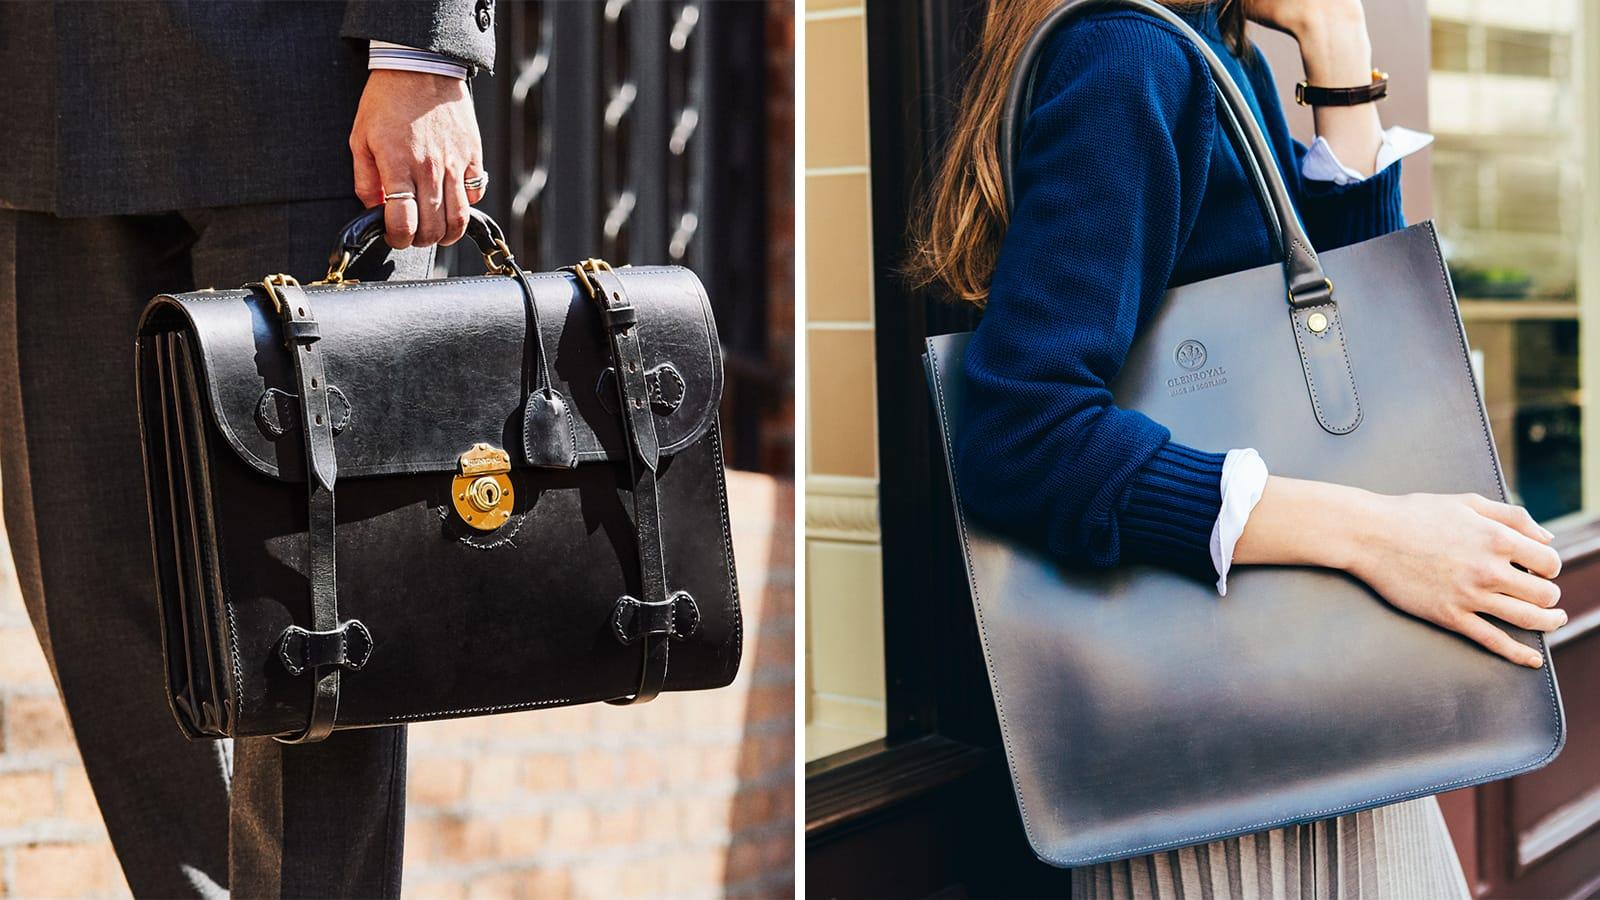 シチュエーション・用途別で選ぶ。お気に入りの革鞄 | グレンロイヤル